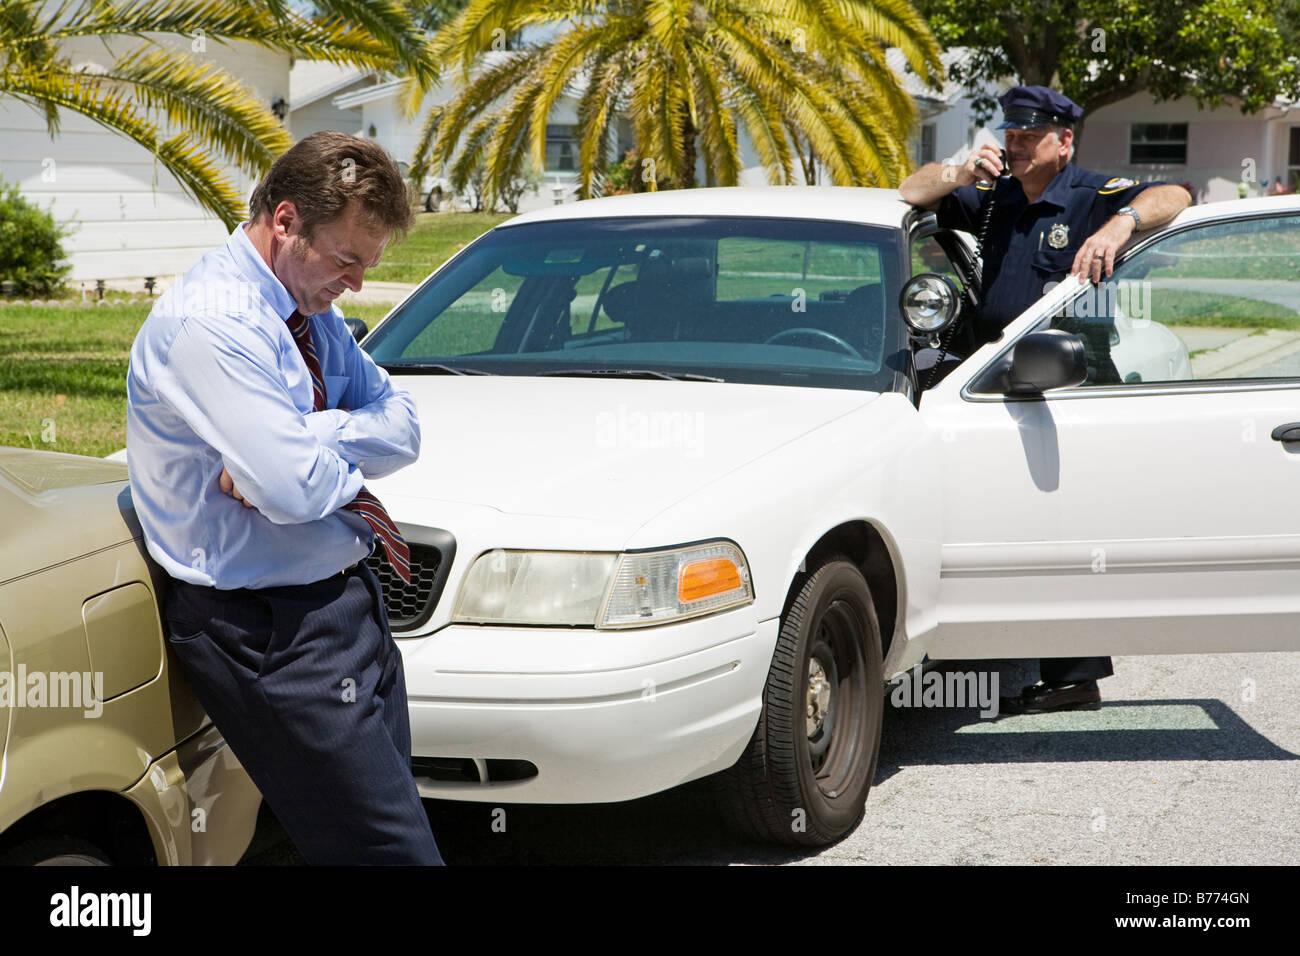 Imbarazzato cercando imprenditore tirato su dalla polizia Focus è il proprietario Immagini Stock